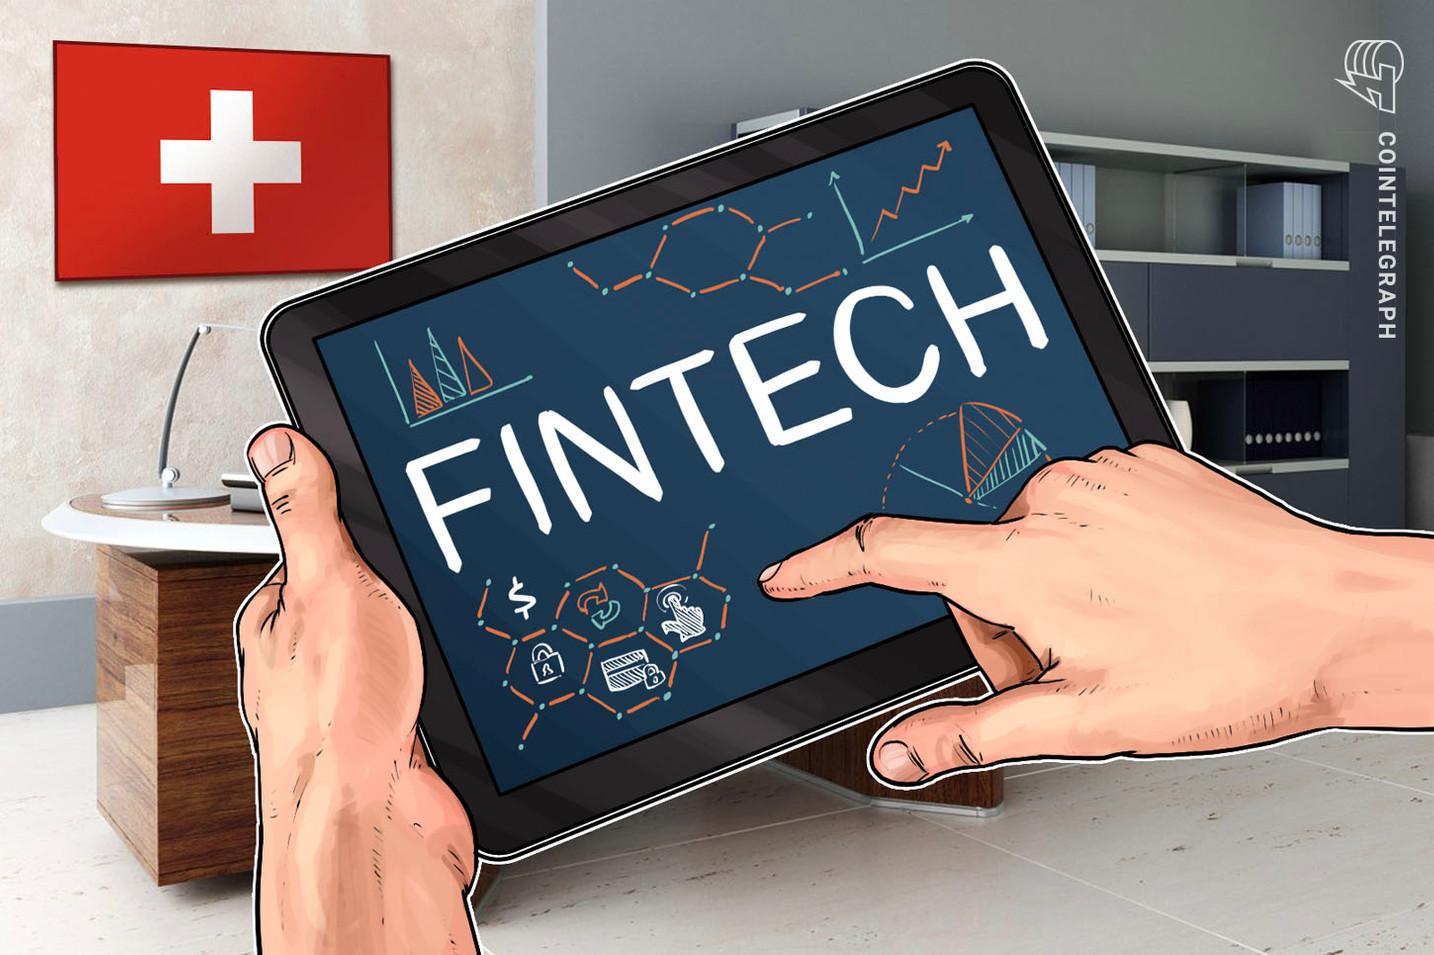 Relatório: O mercado suíço de Fintech cresceu 62% em 2018